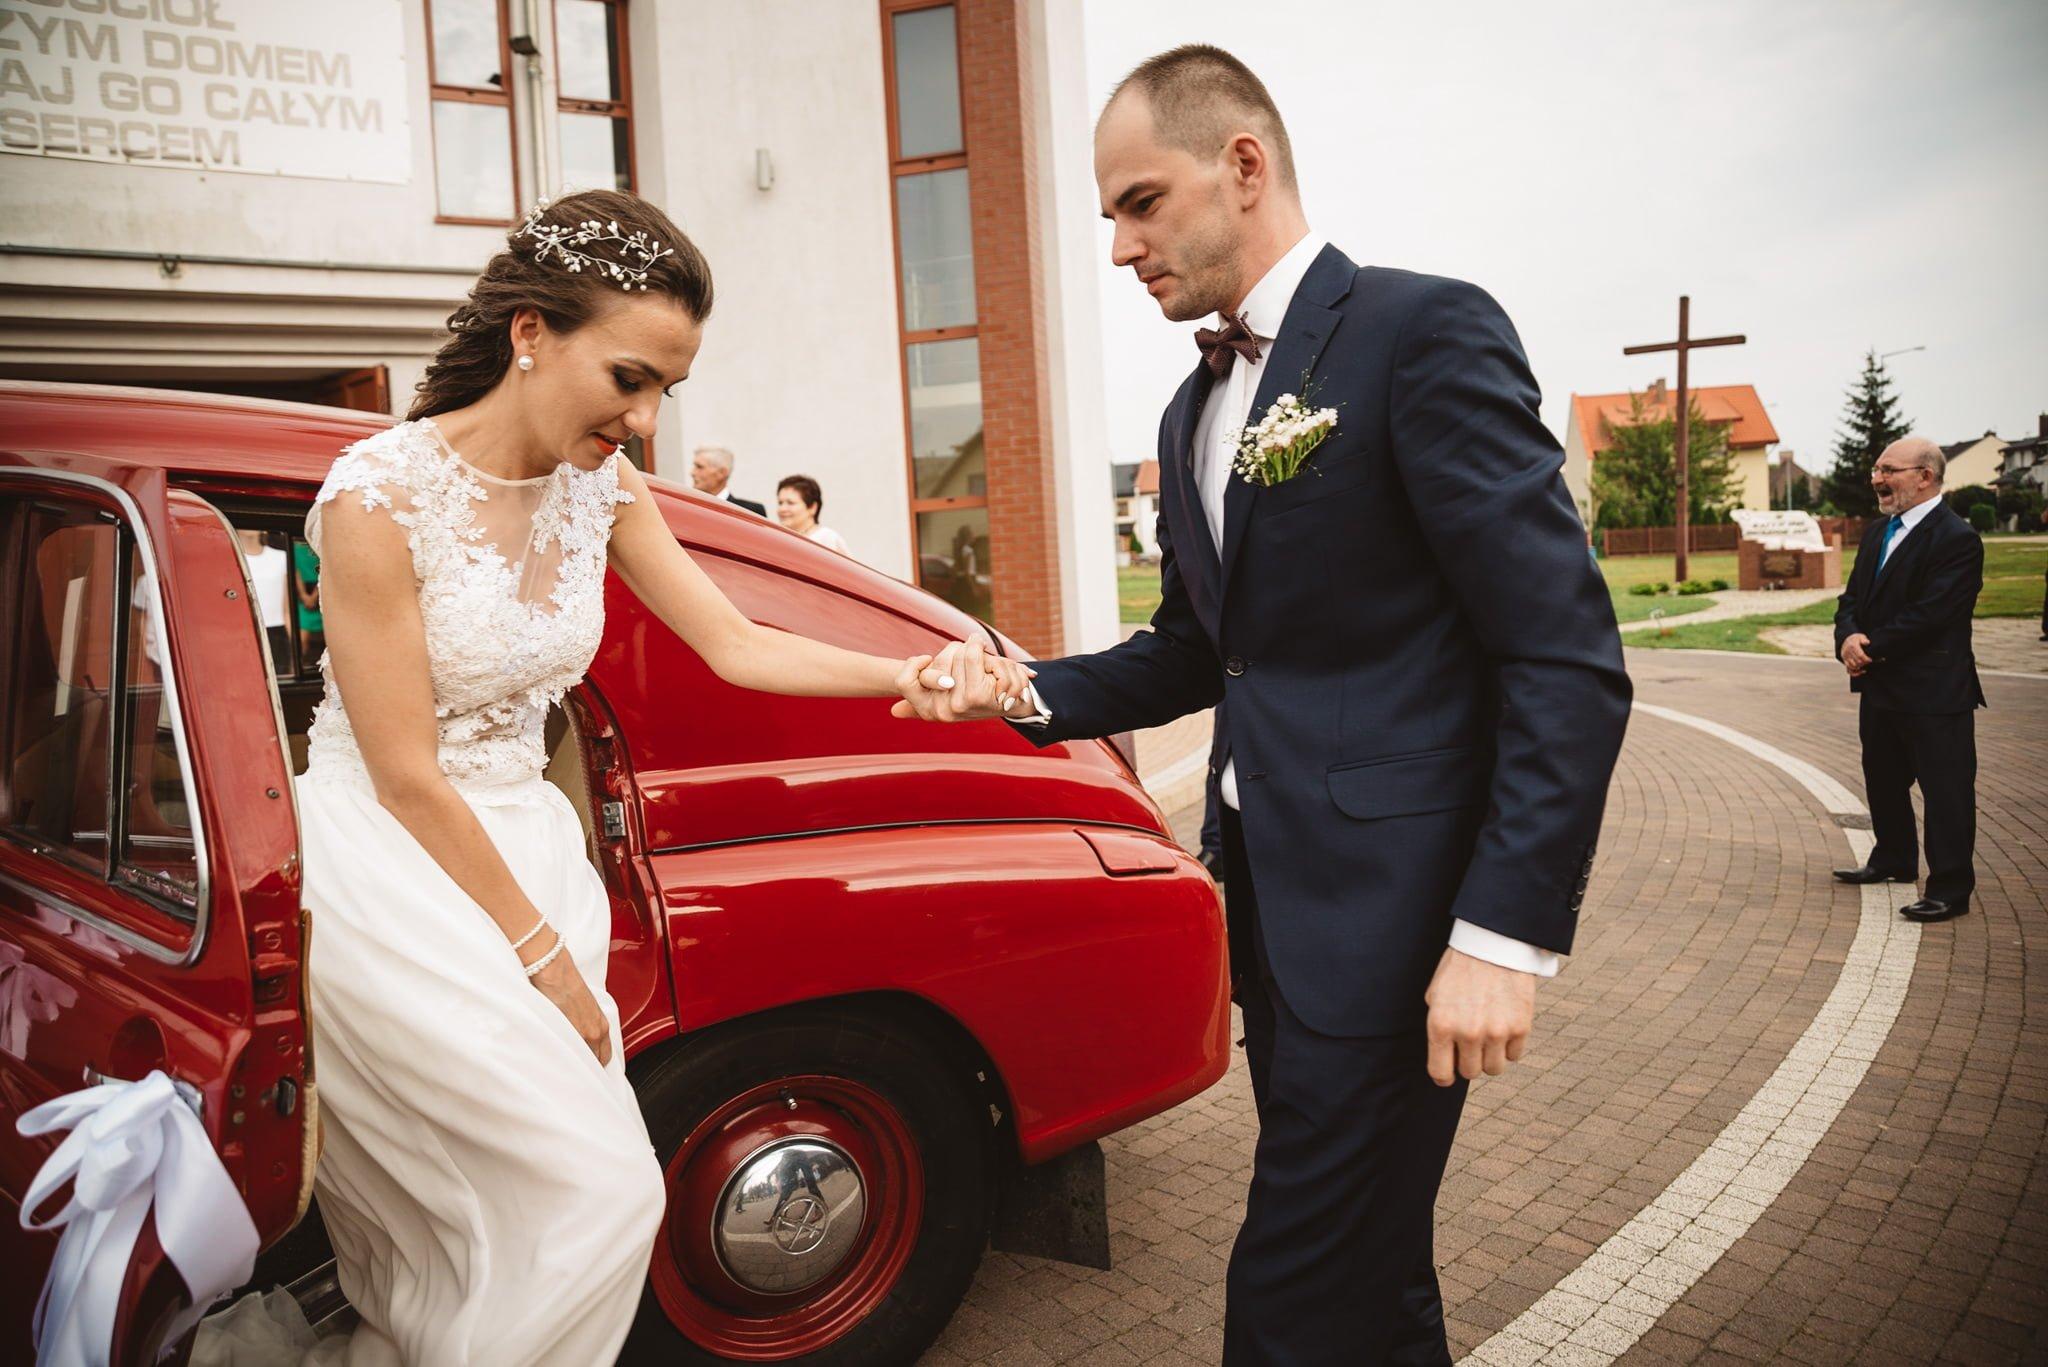 Ala i Arek, czyli jak zorganizować ślub i wesele w 4 tygodnie! 63